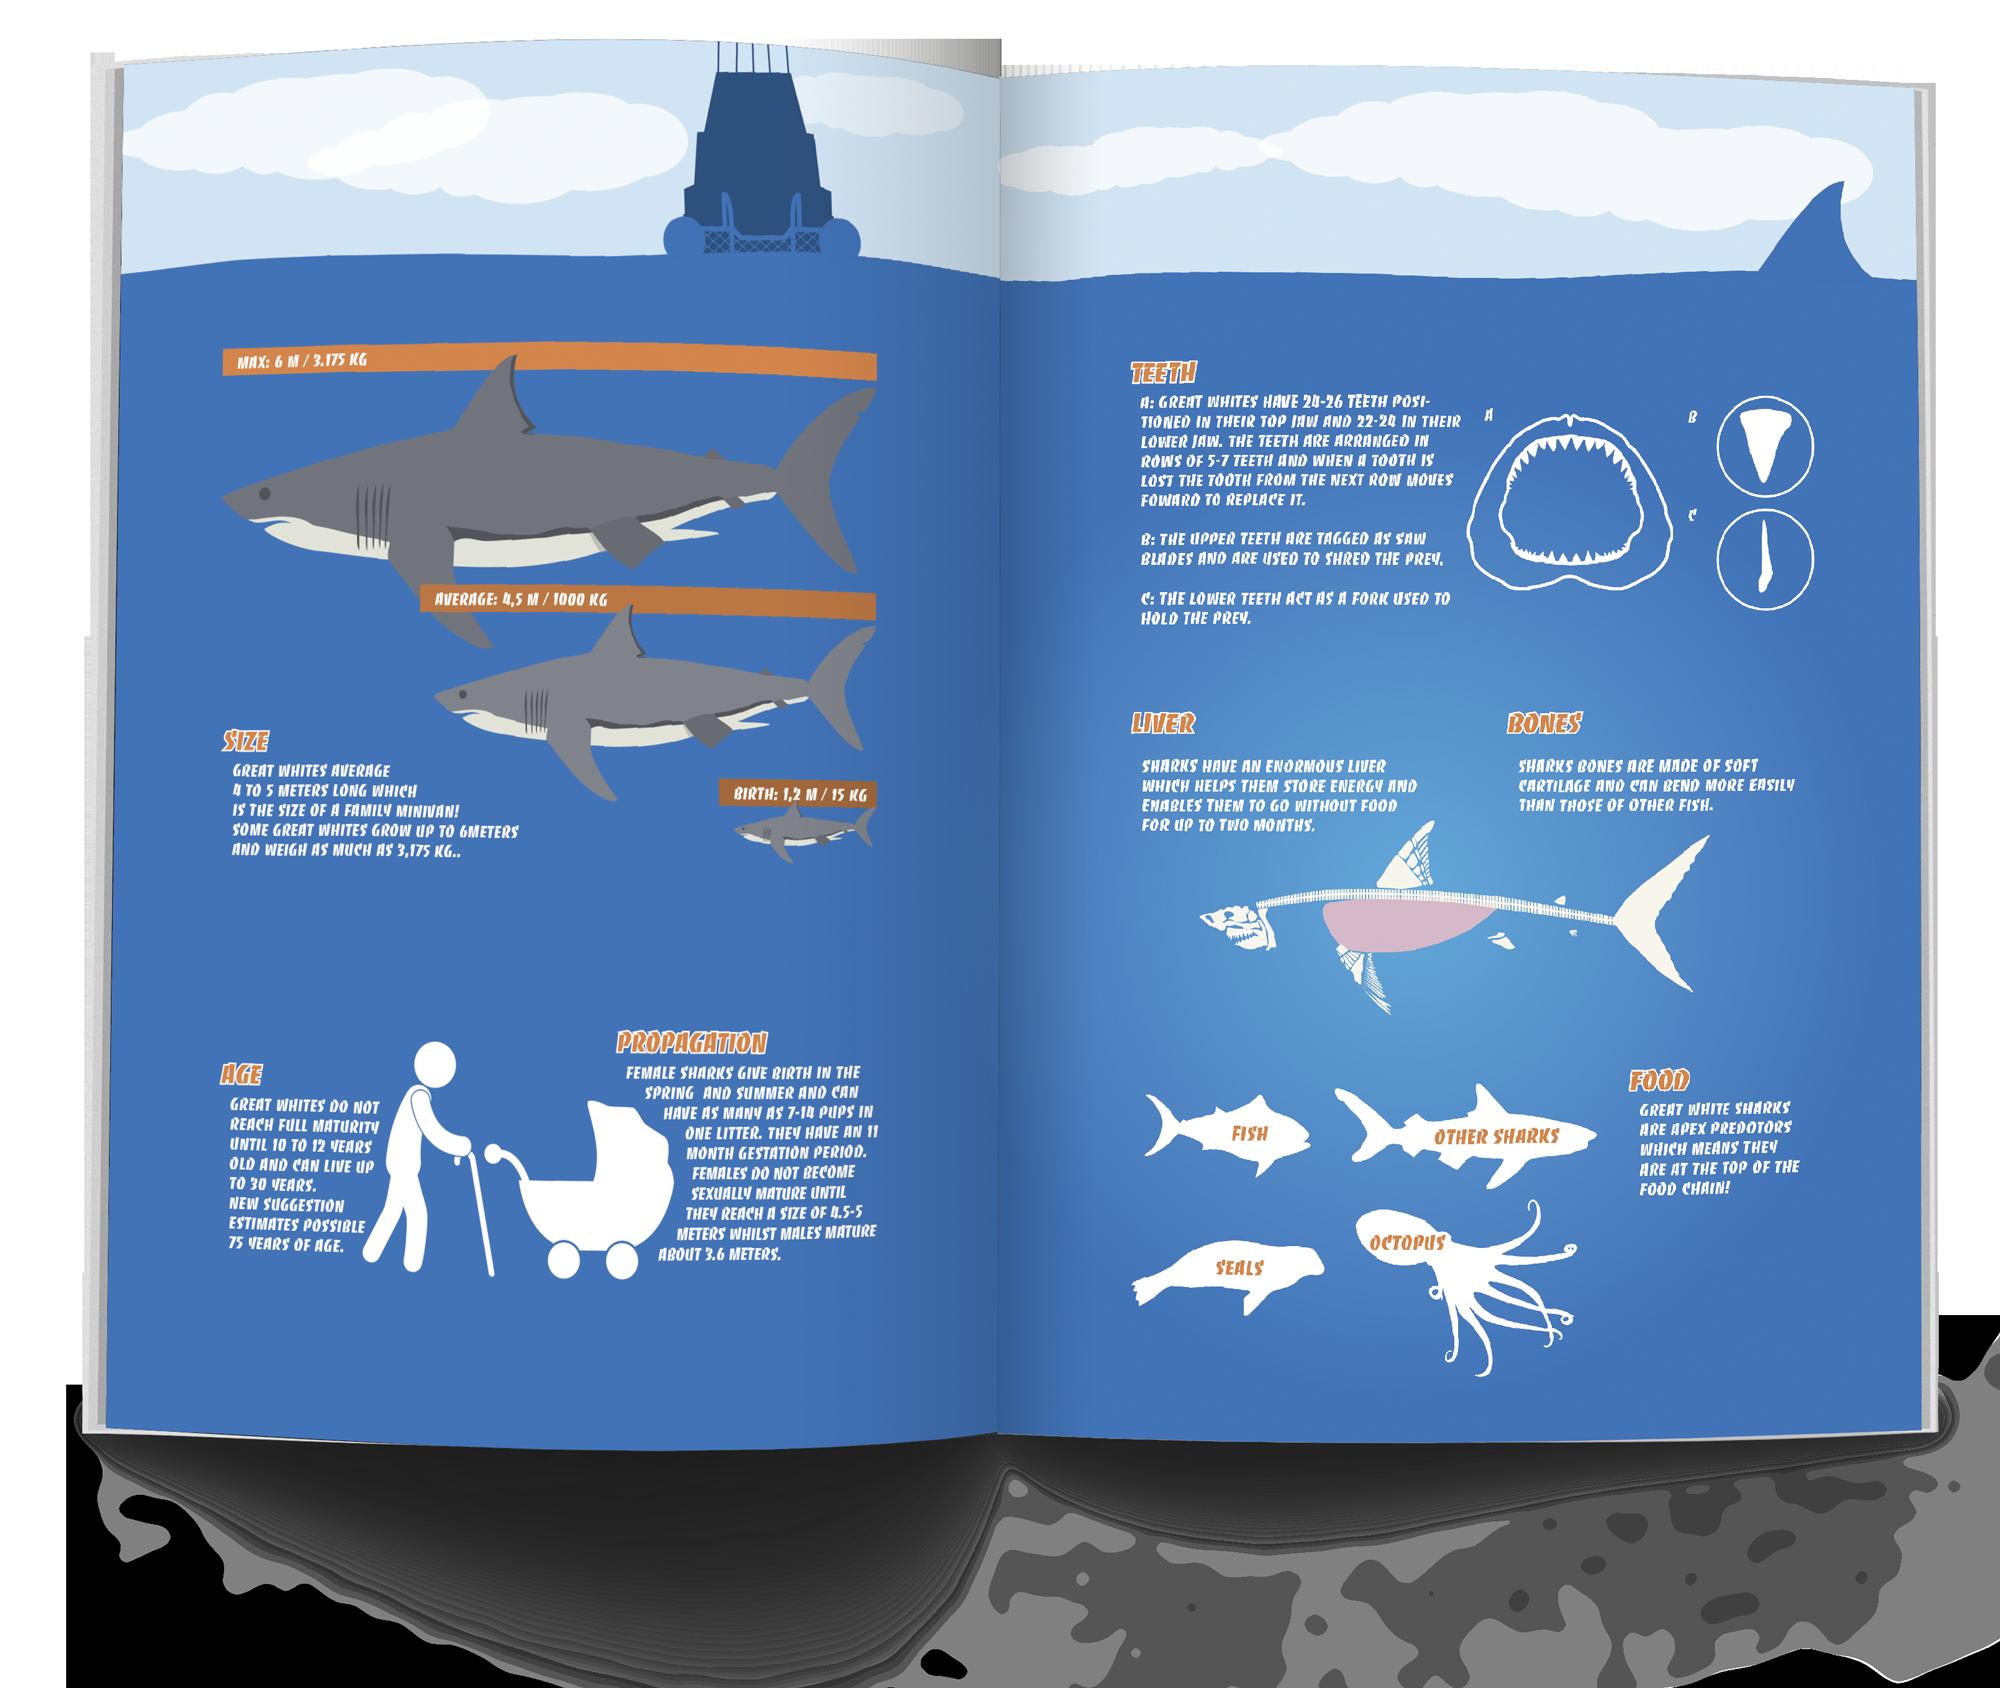 shark_fact